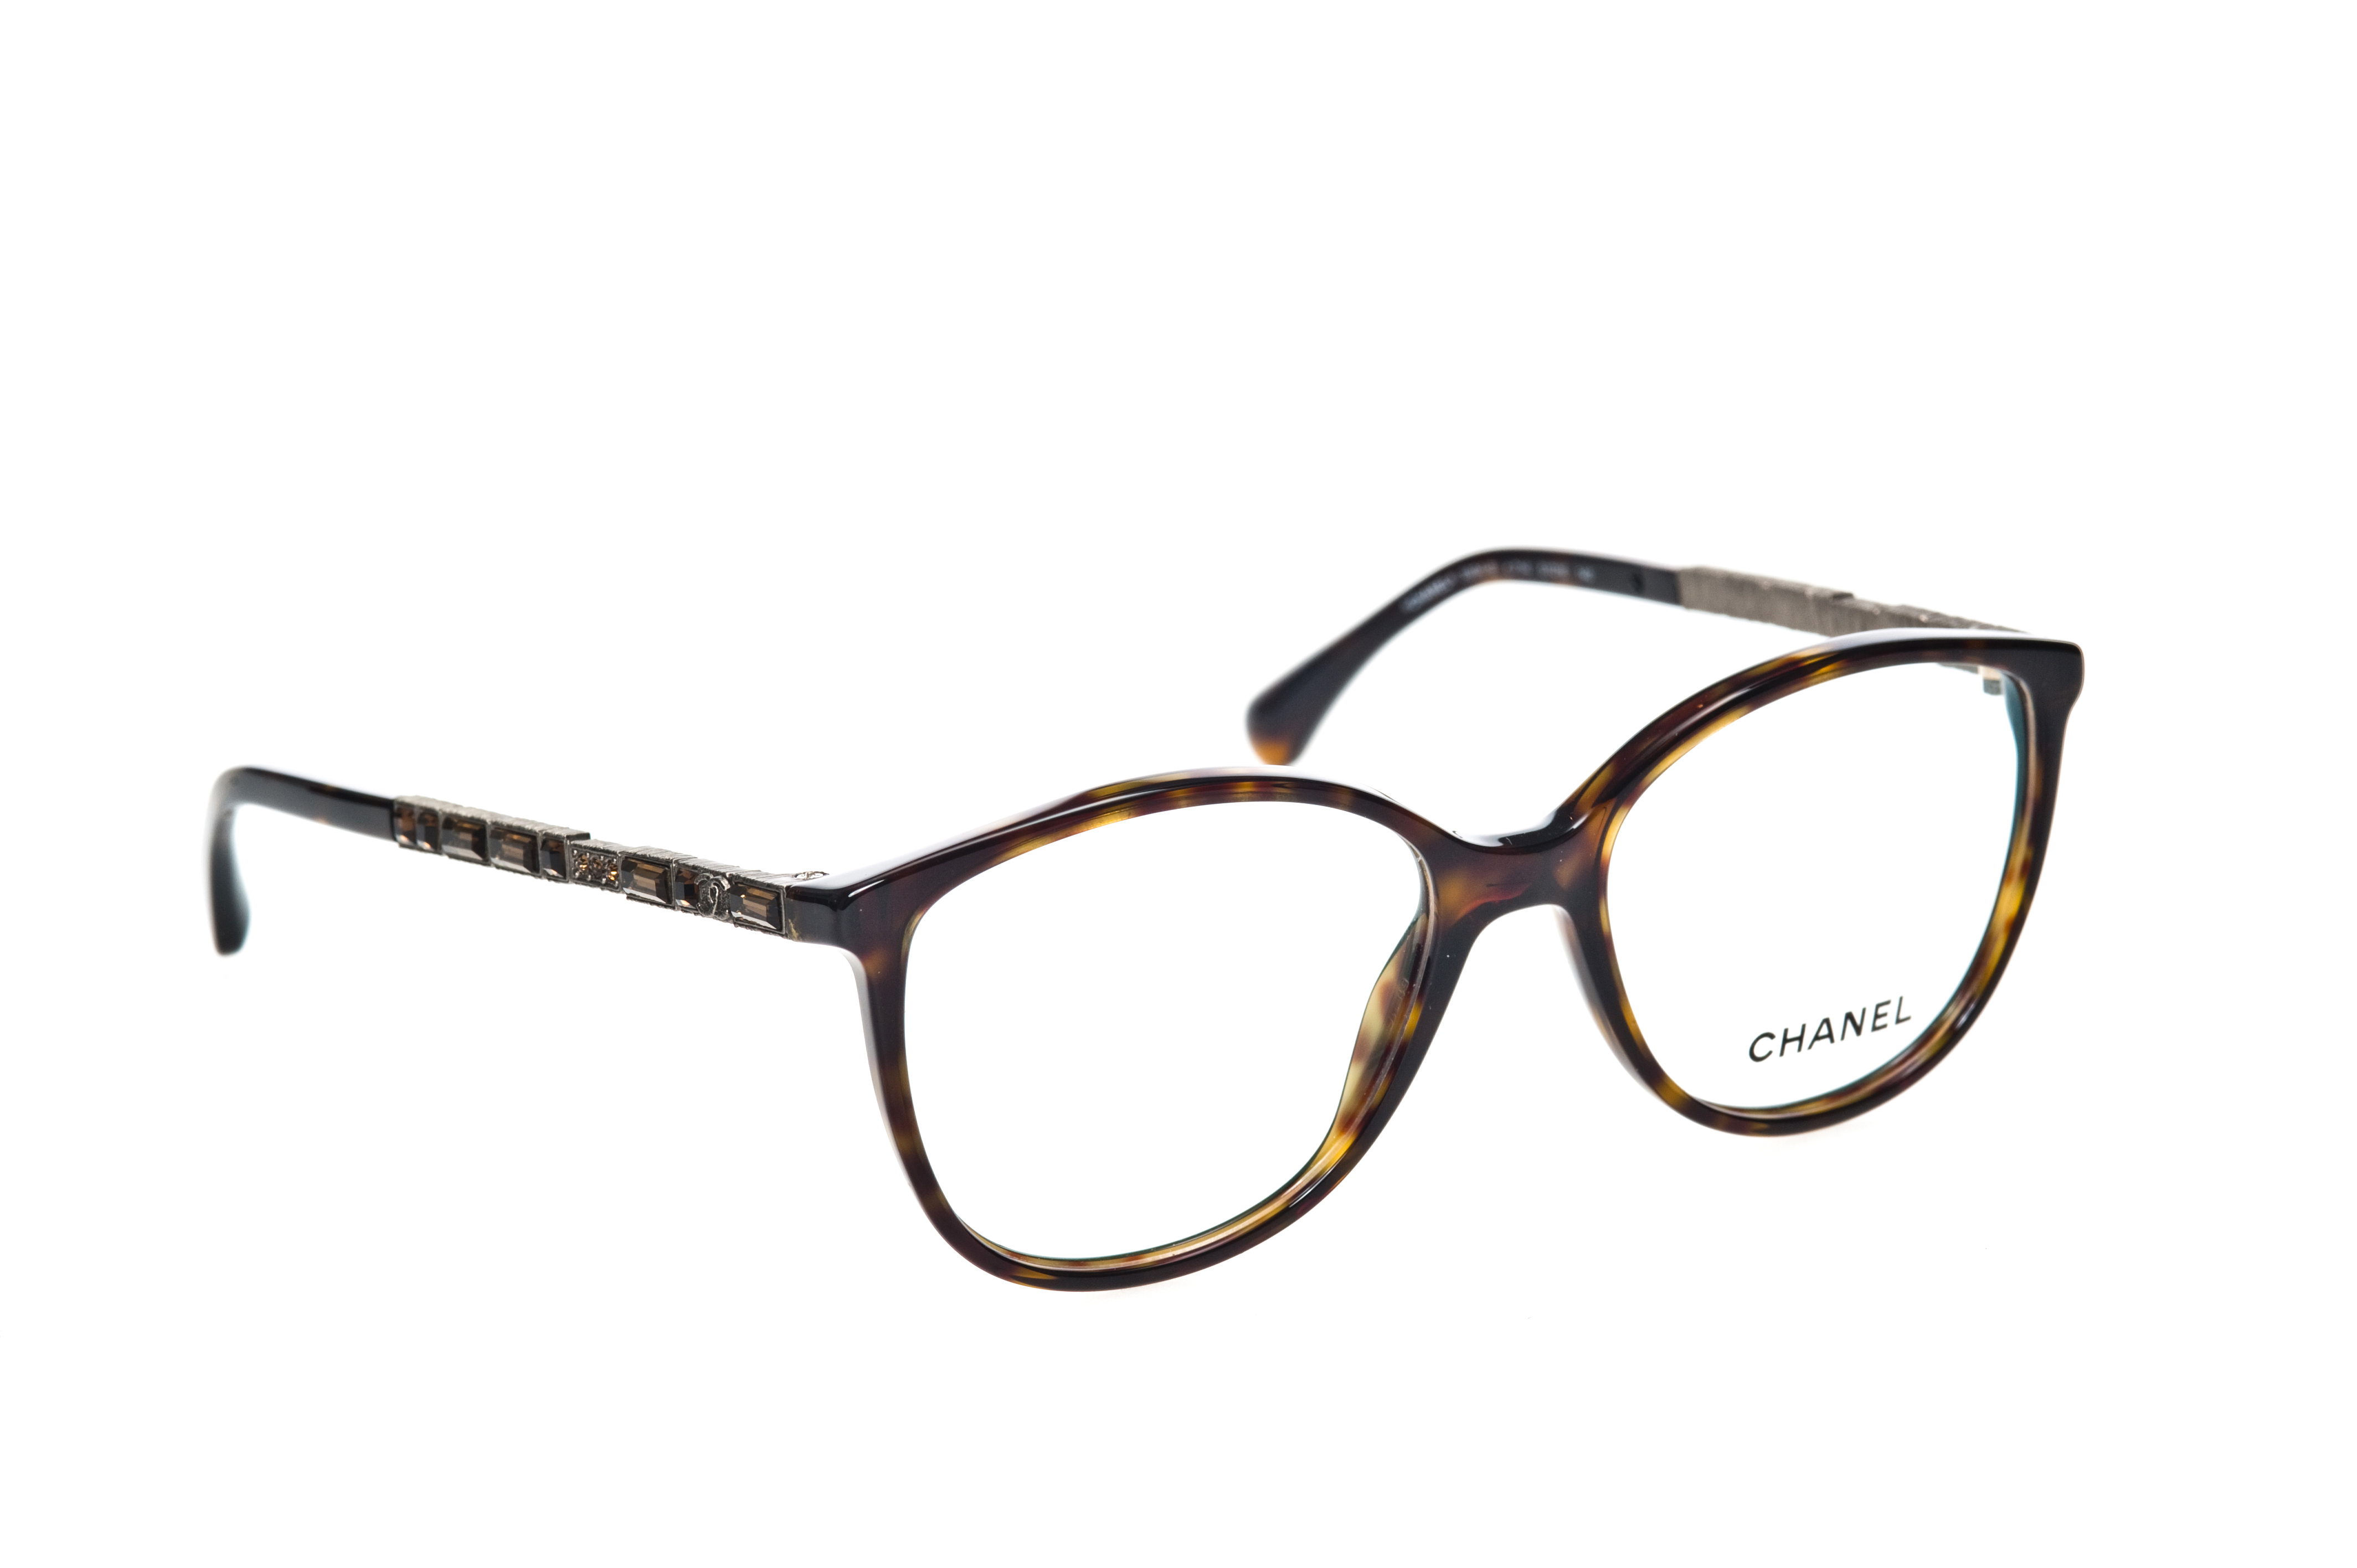 47edfe48e15c Chanel-Brille 3304B in Farbe 714 - Optoline Brillen-Blog